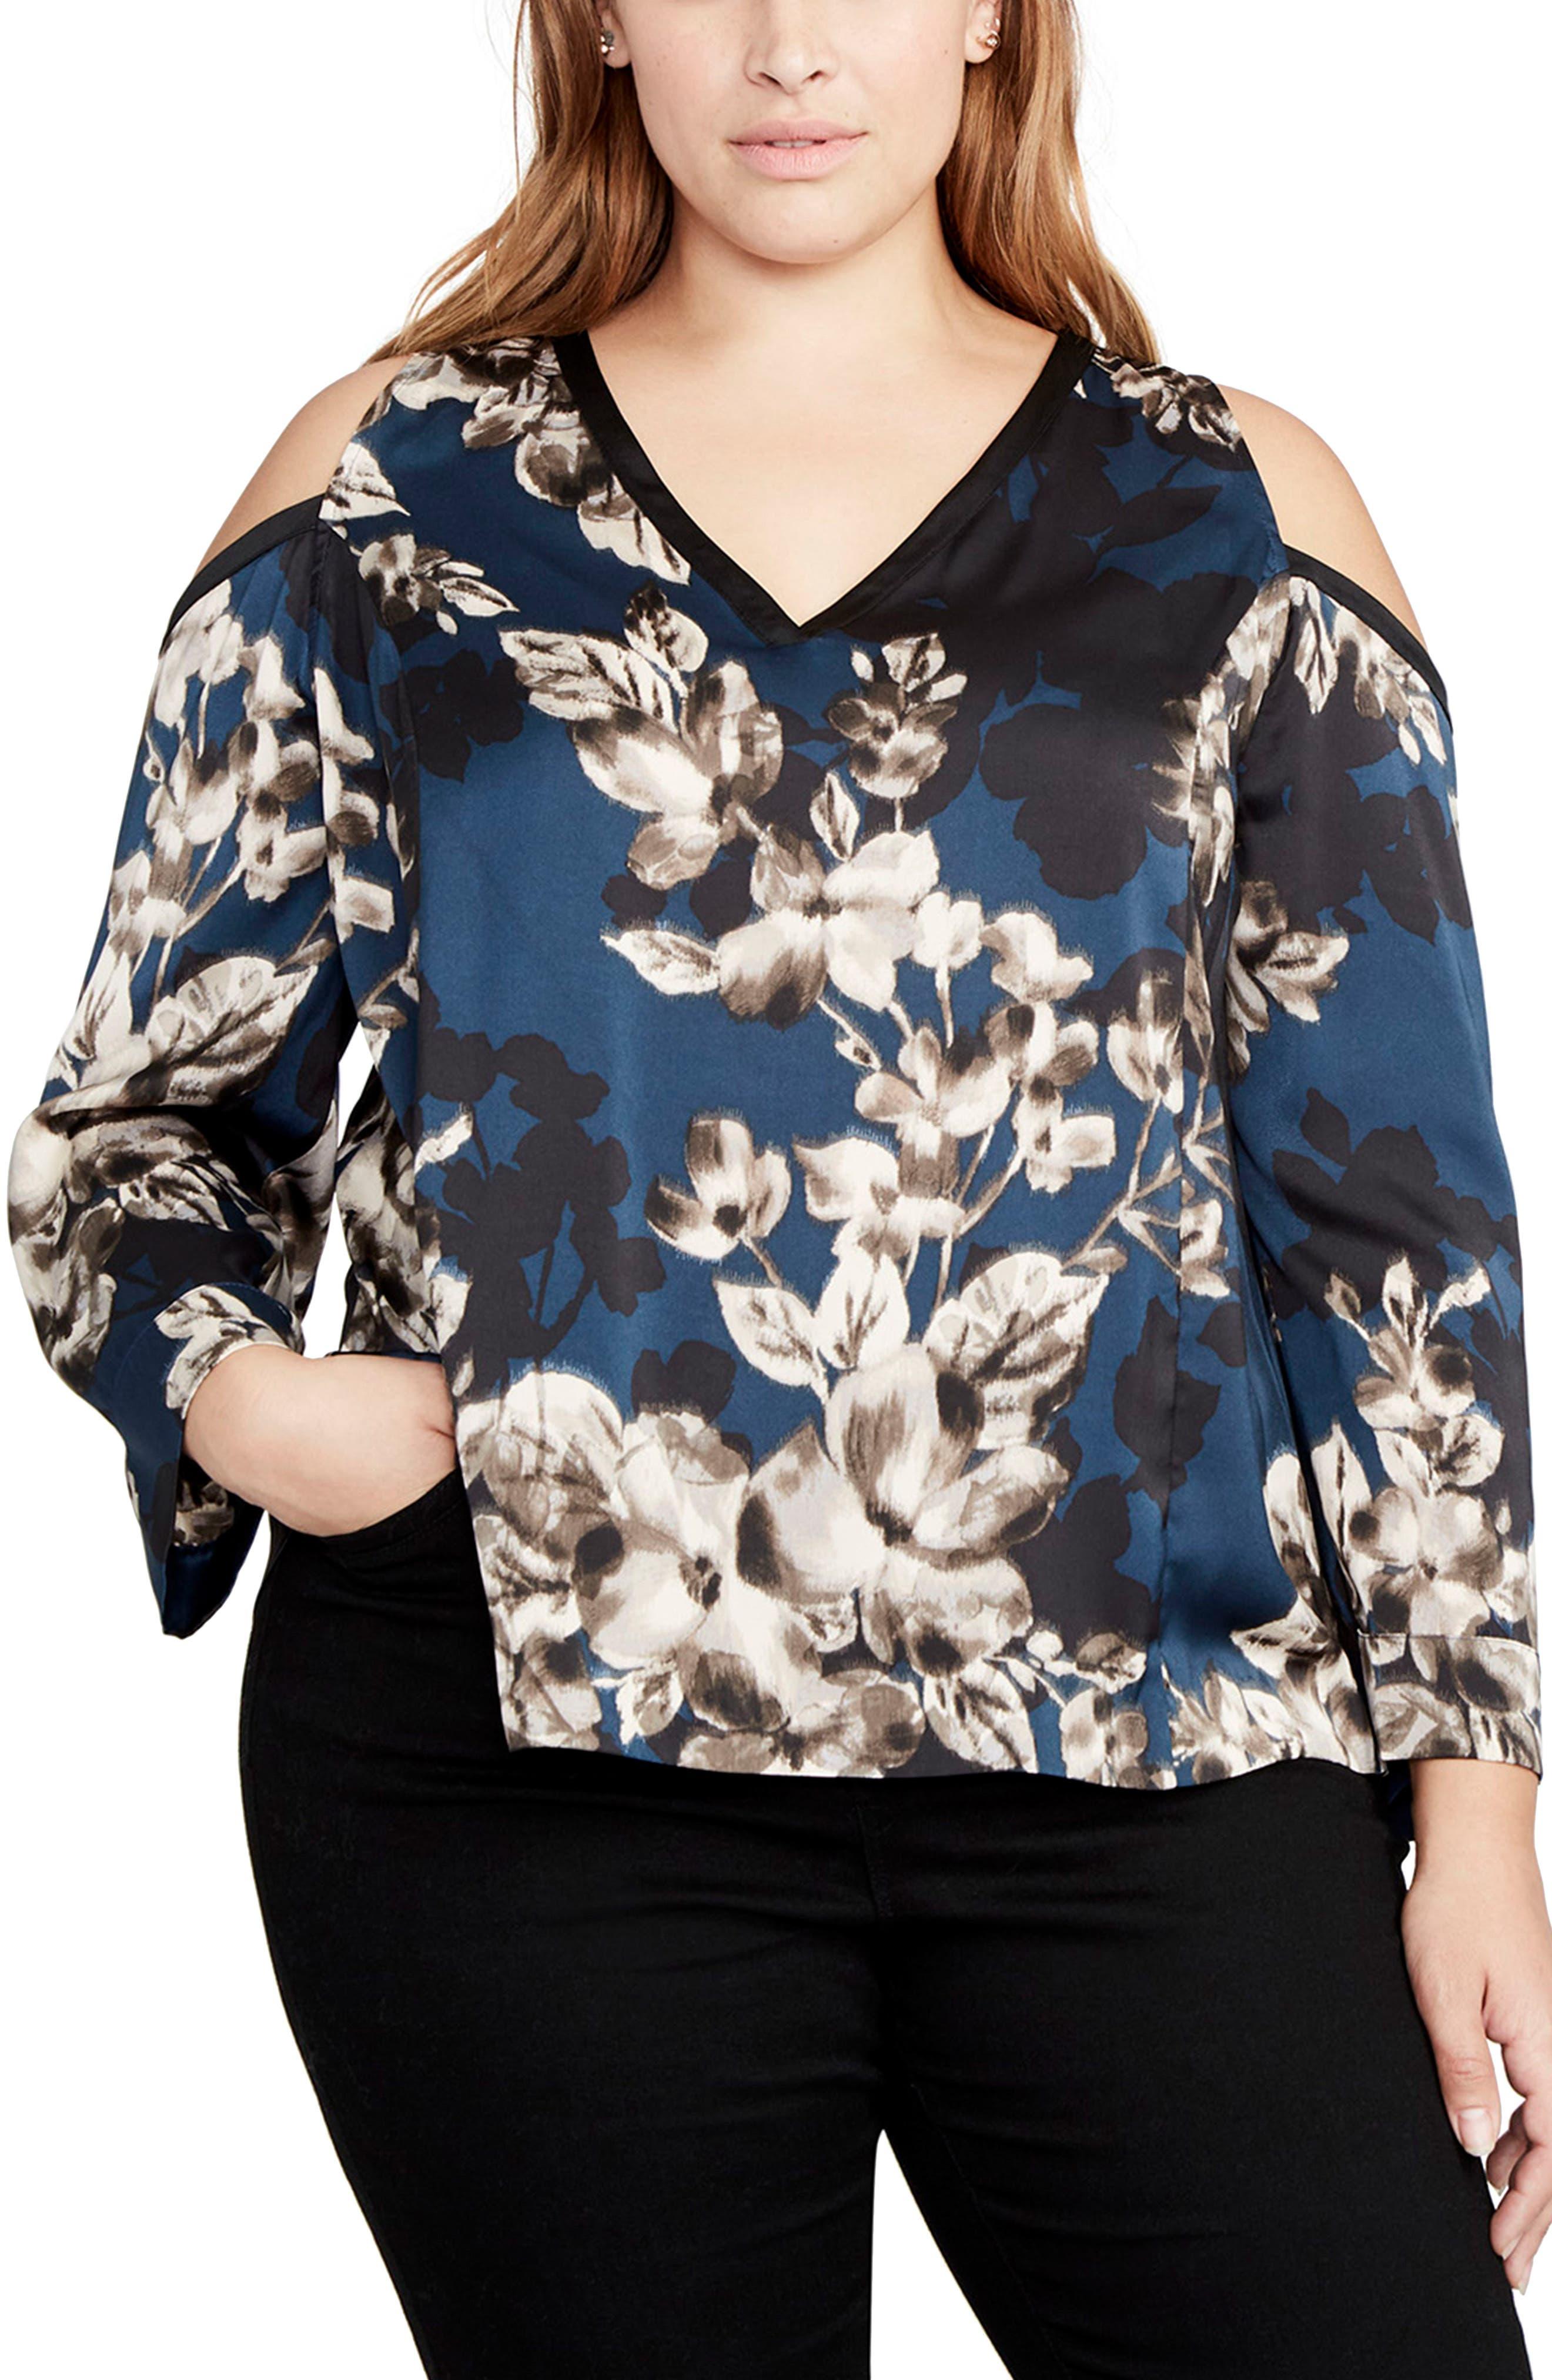 Alternate Image 1 Selected - RACHEL Rachel Roy Floral Cold Shoulder Top (Plus Size)